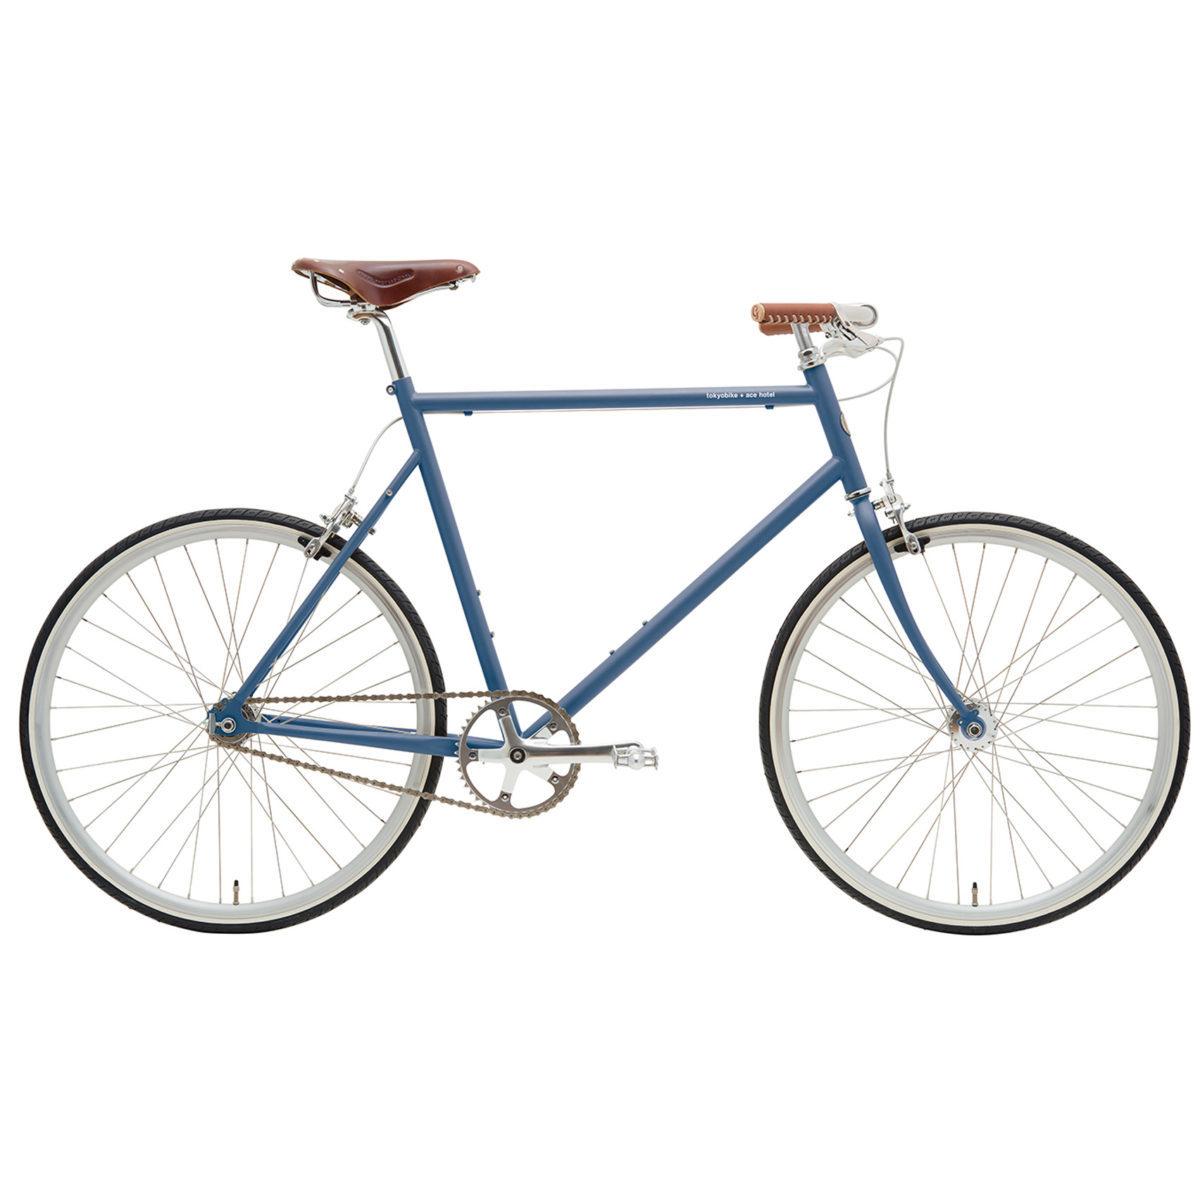 你的朋友是單車迷嗎?送這7樣聖誕禮物他們一定喜歡! 1